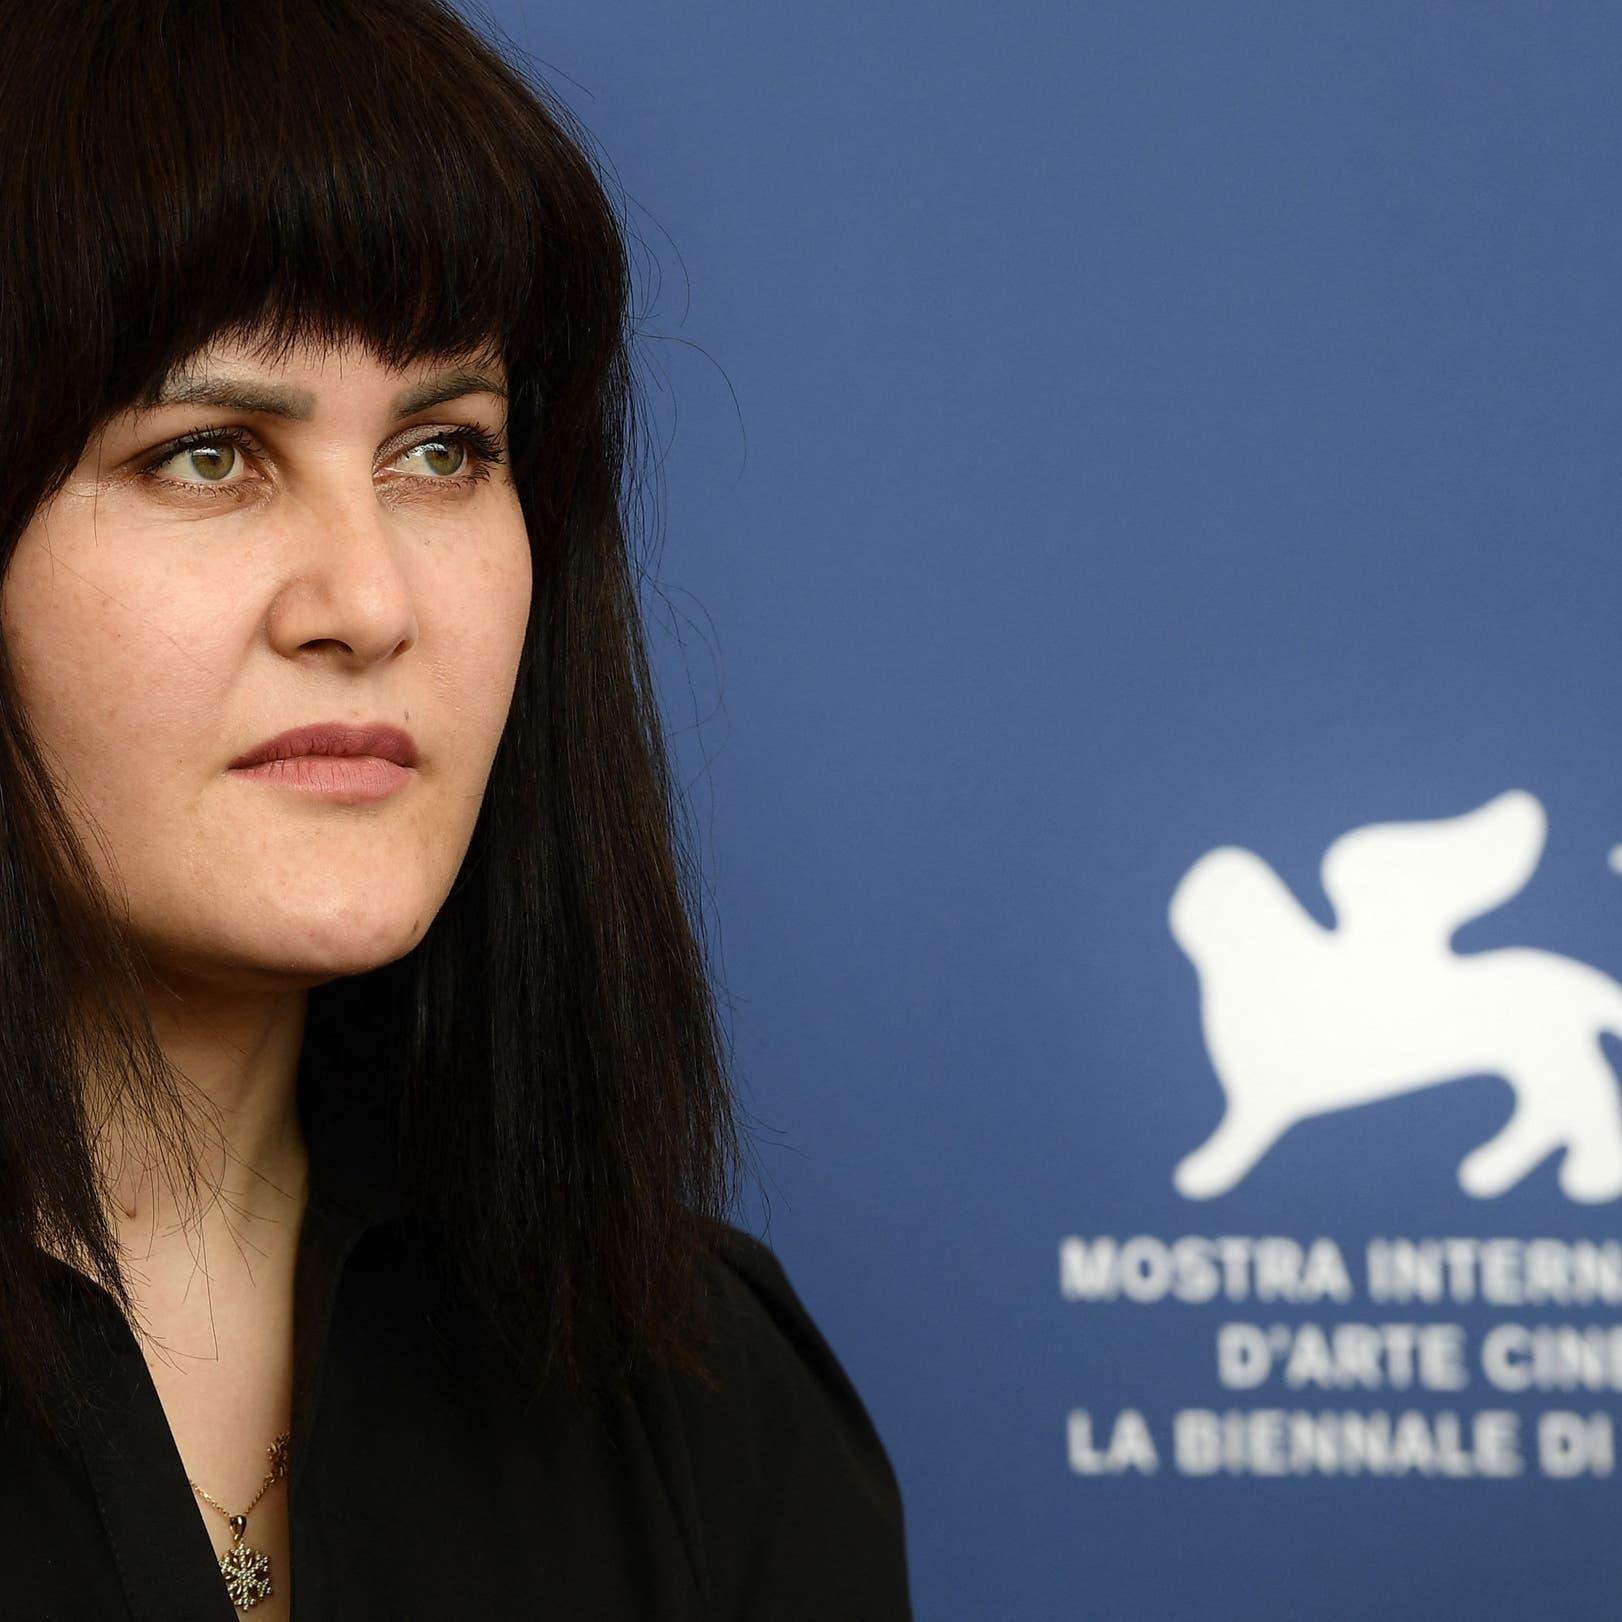 مخرجة أفغانية من البندقية: كانت أمامي ساعات لآخذ أصعب قرار